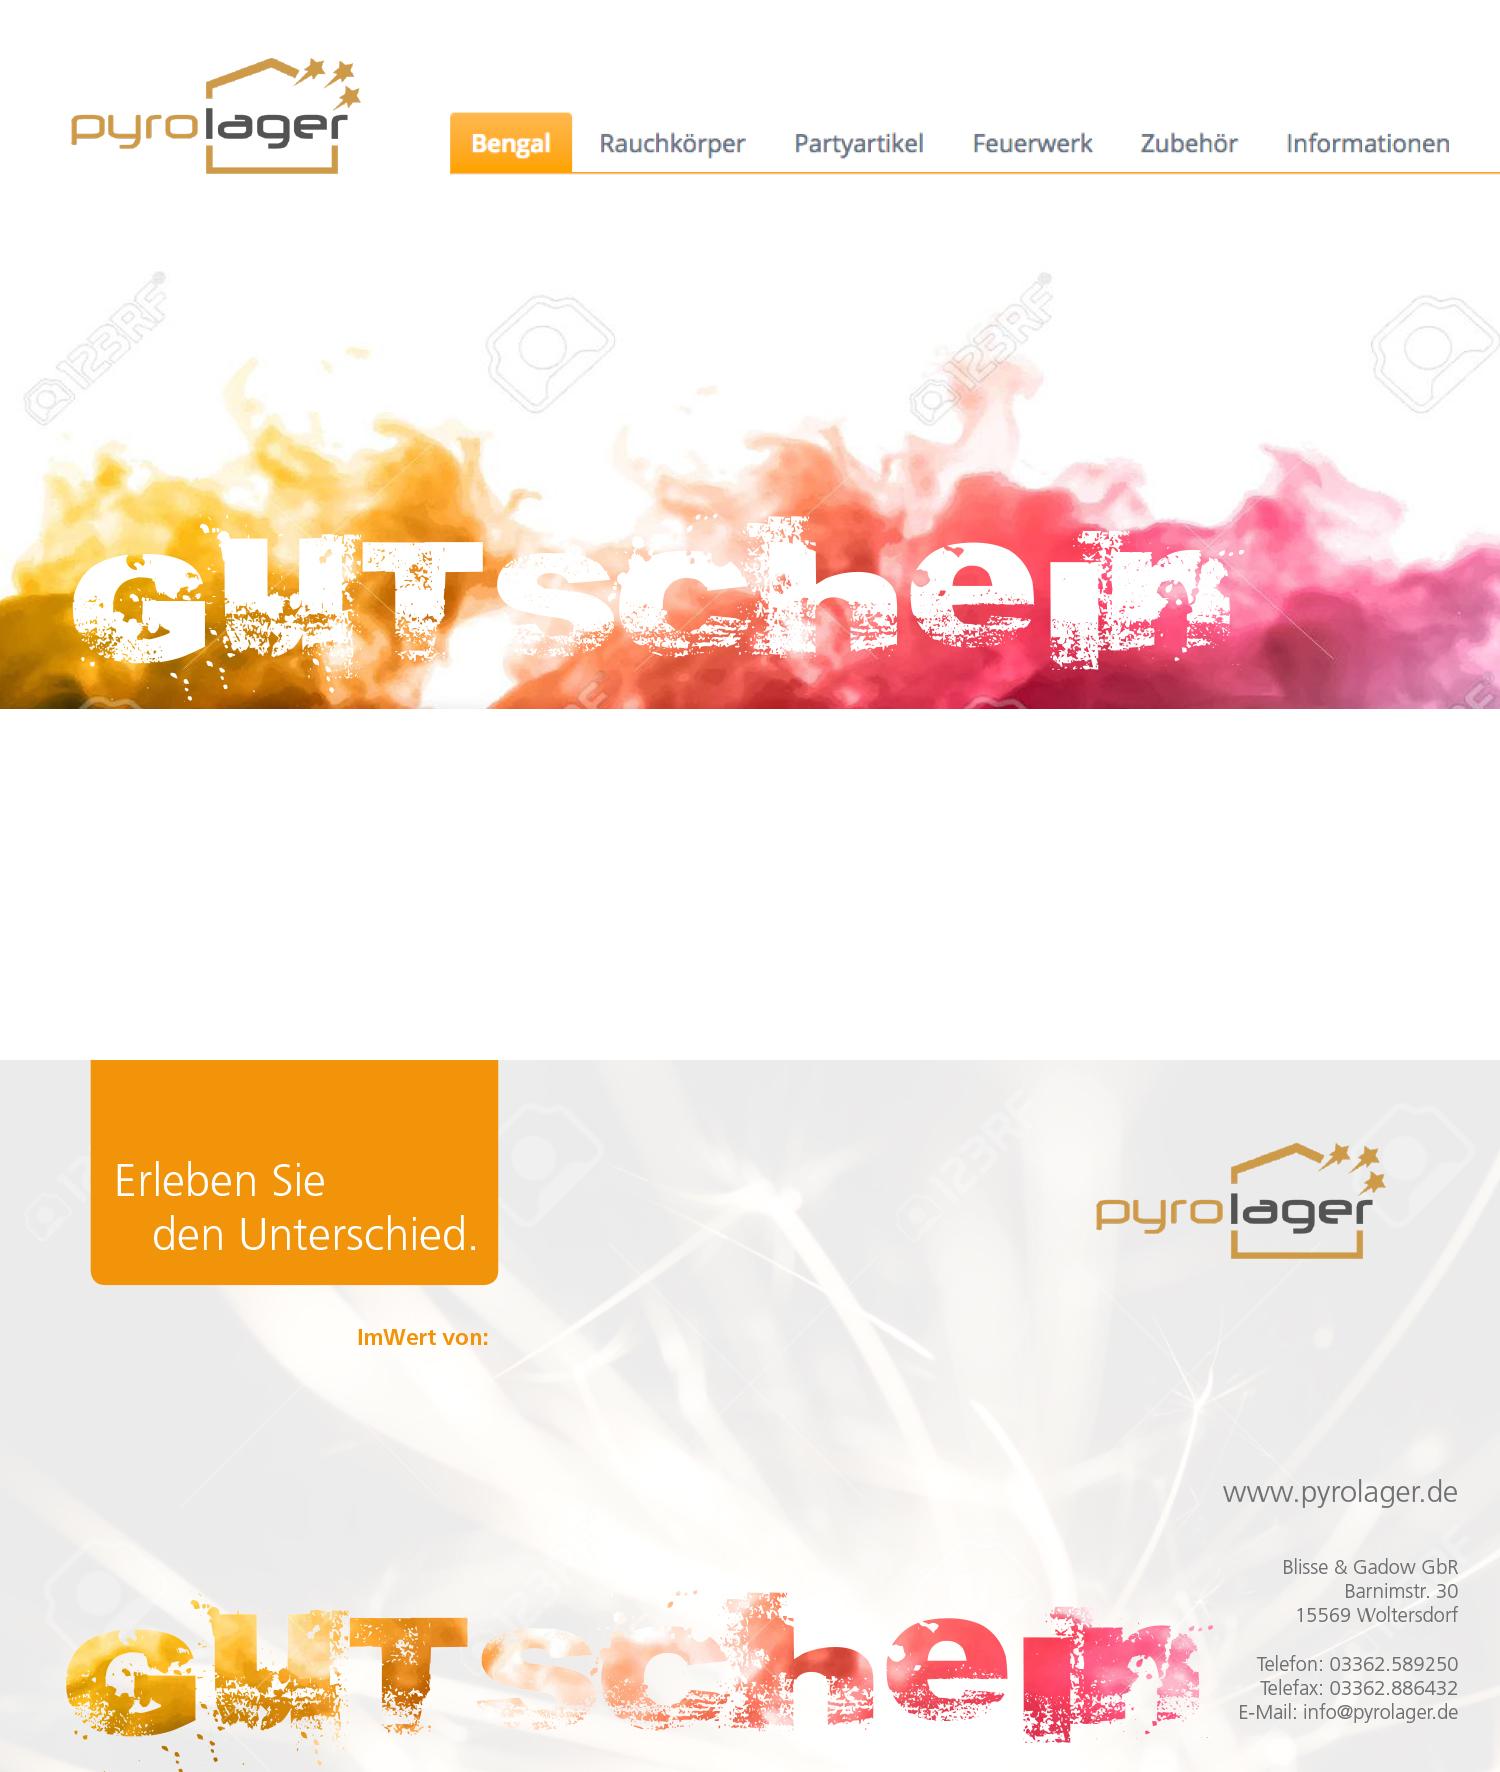 Gutschein-Design Pyro Webshop » Gutschein-Design